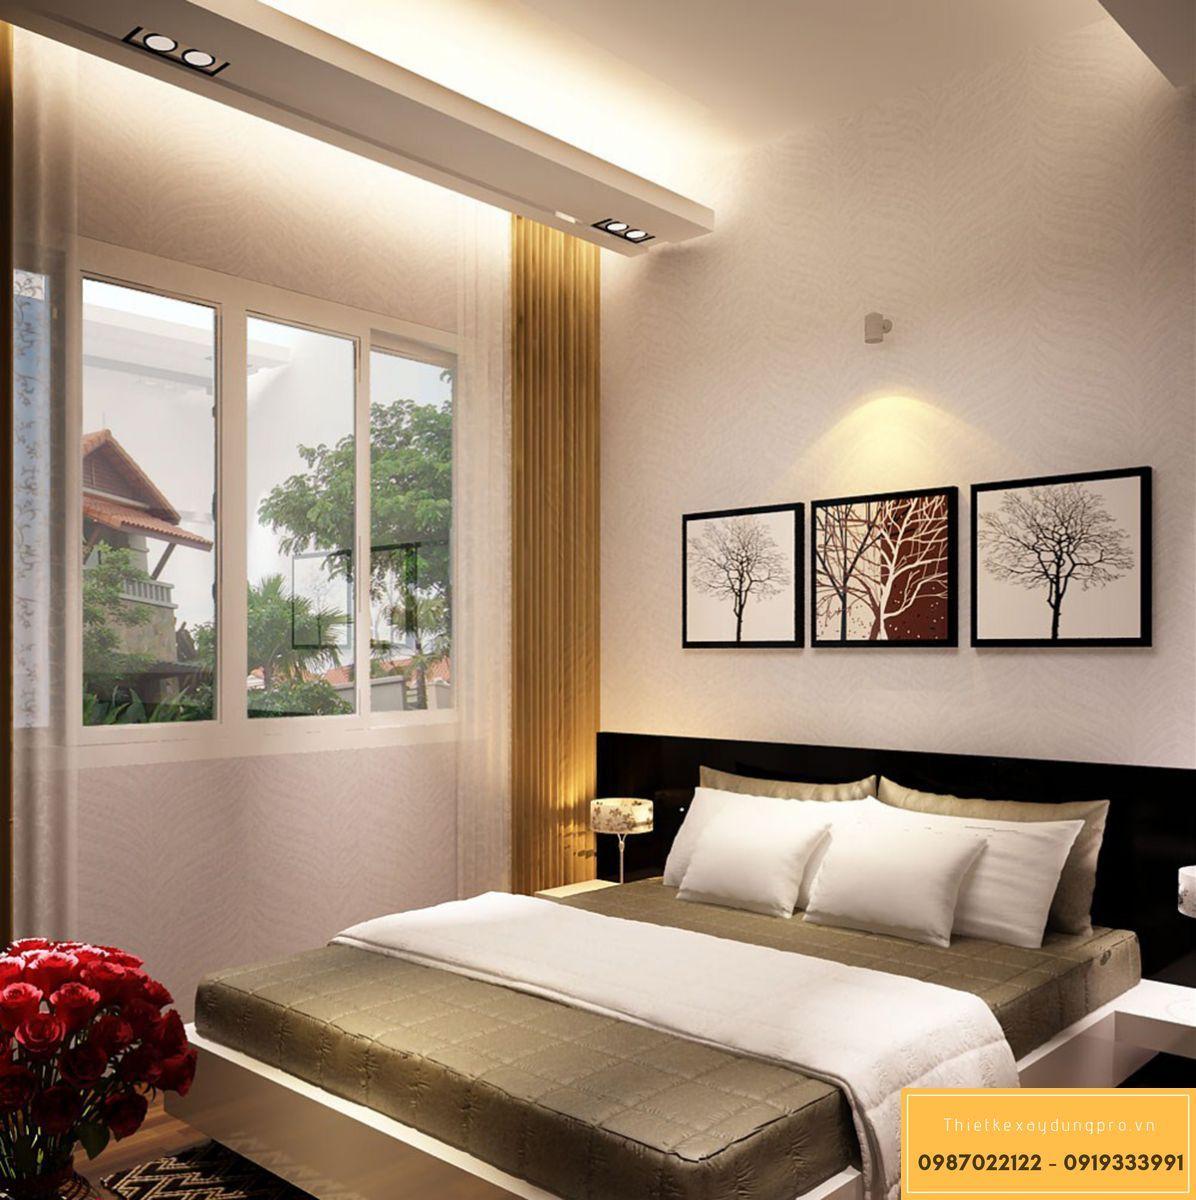 Kích thước phòng ngủ tiêu chuẩn